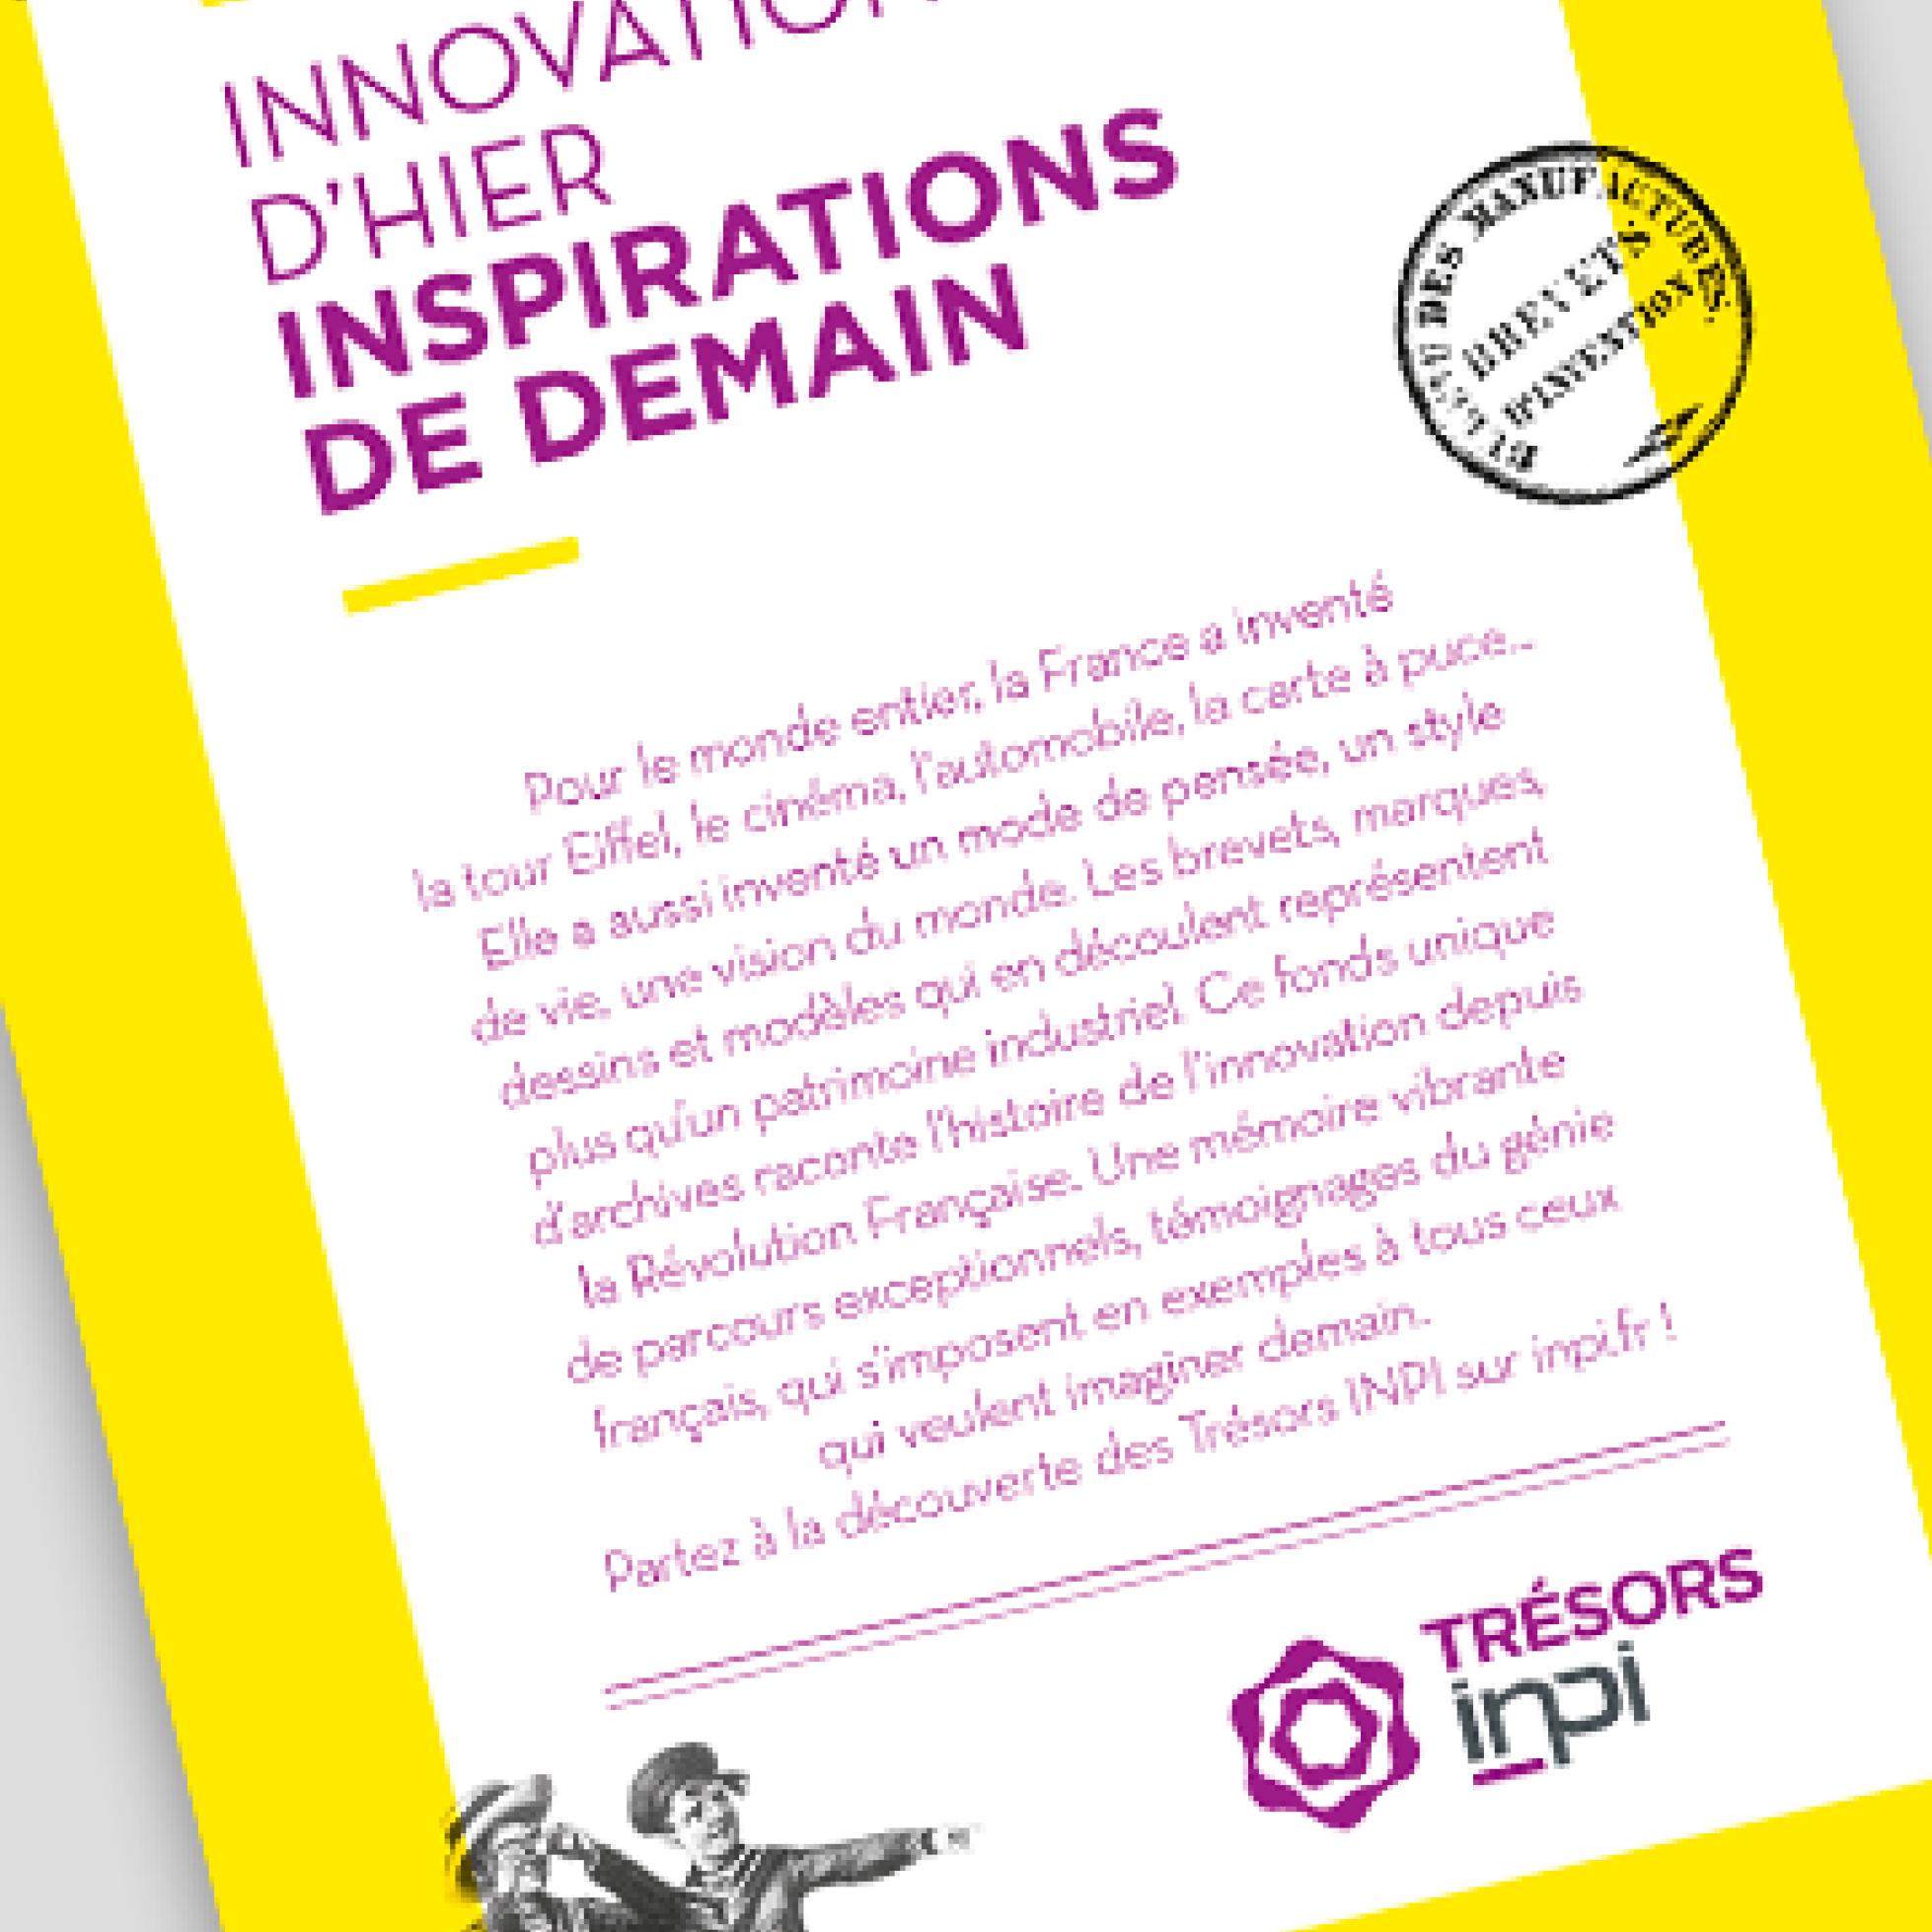 Innovation d'hier, inspirations de demain, INPI, par l'agence secrète